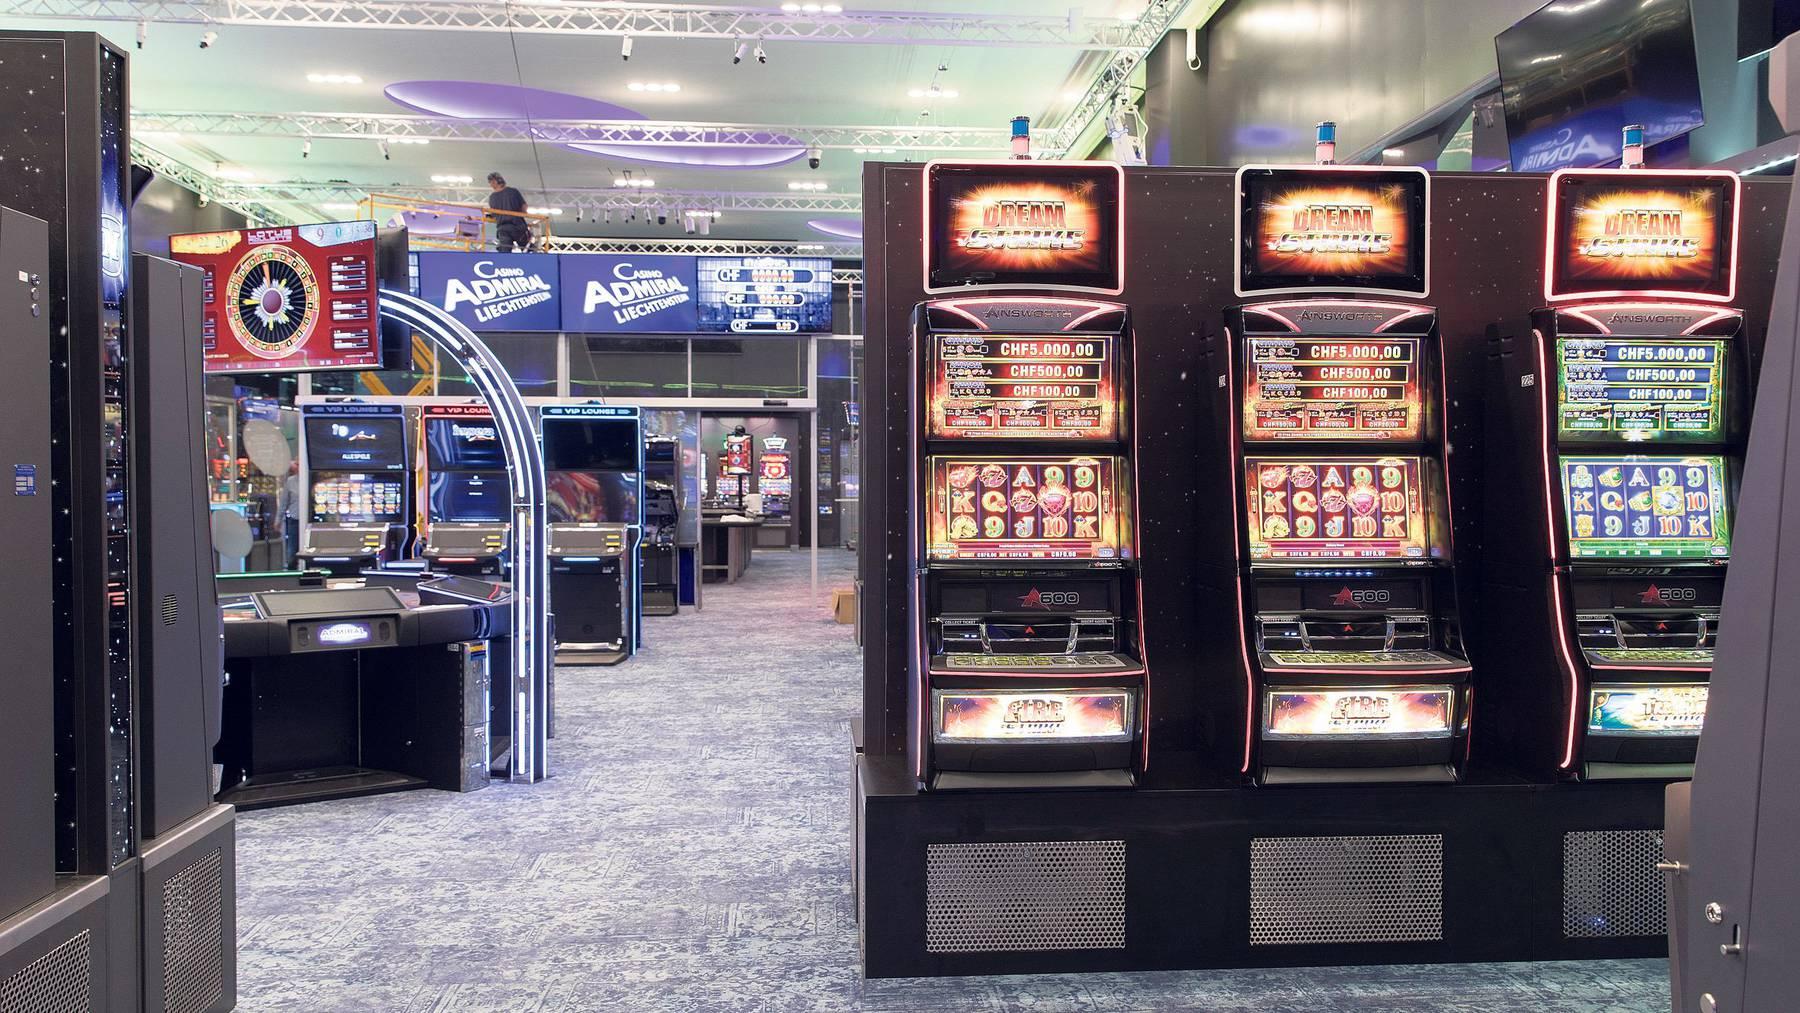 Das Casino Admiral in Ruggell war das erste Casino in Liechtenstein, das nach 170 Jahren seine Türen öffnete.